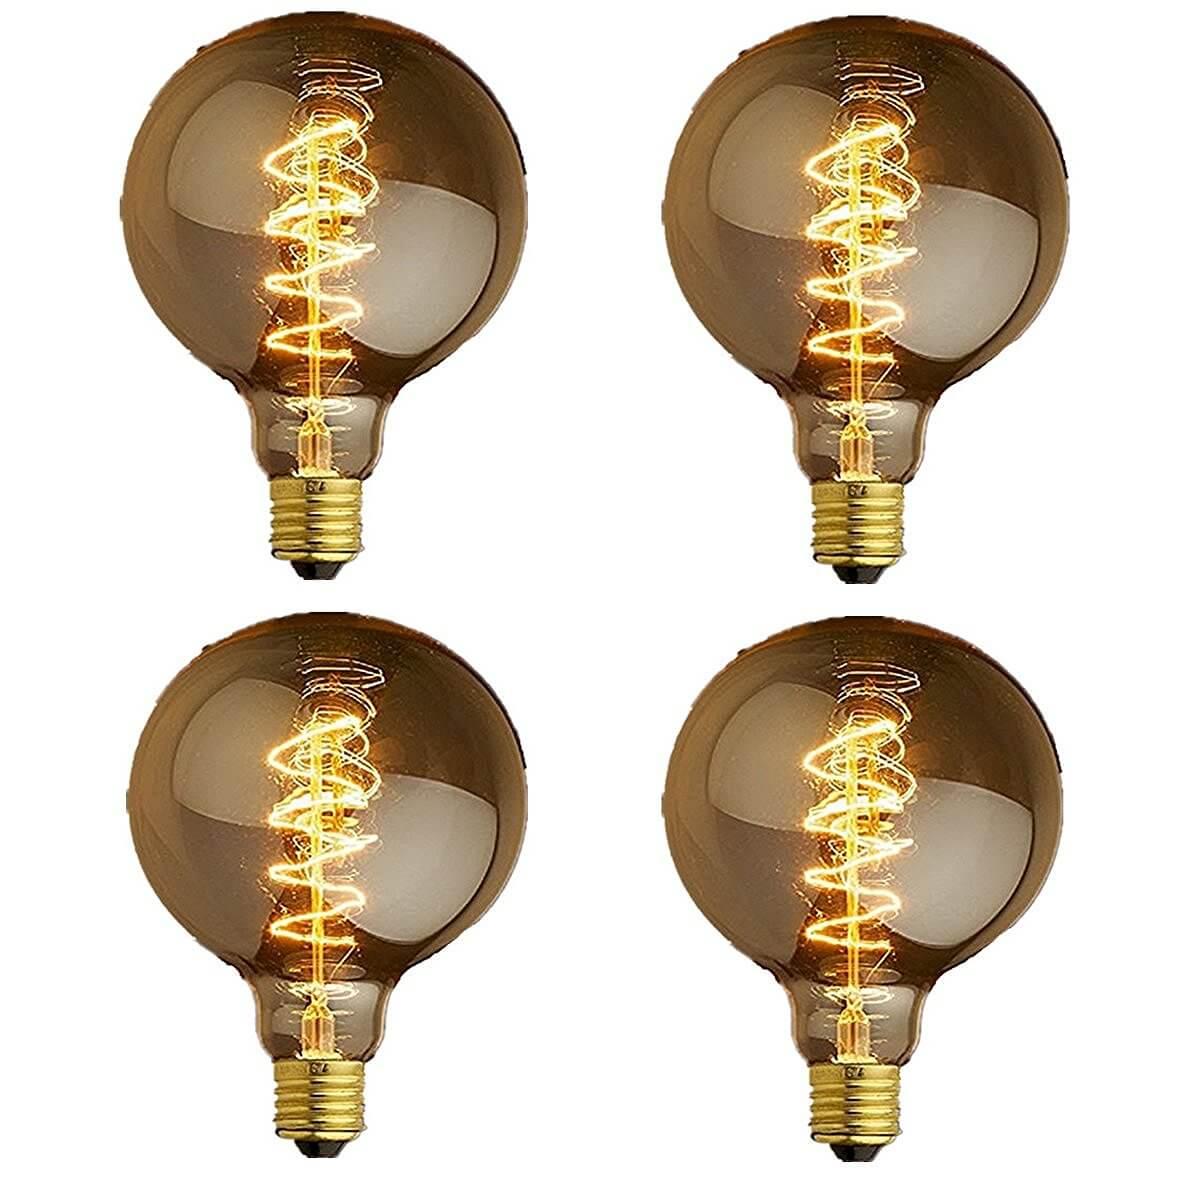 Spiral Globe Light Bulb